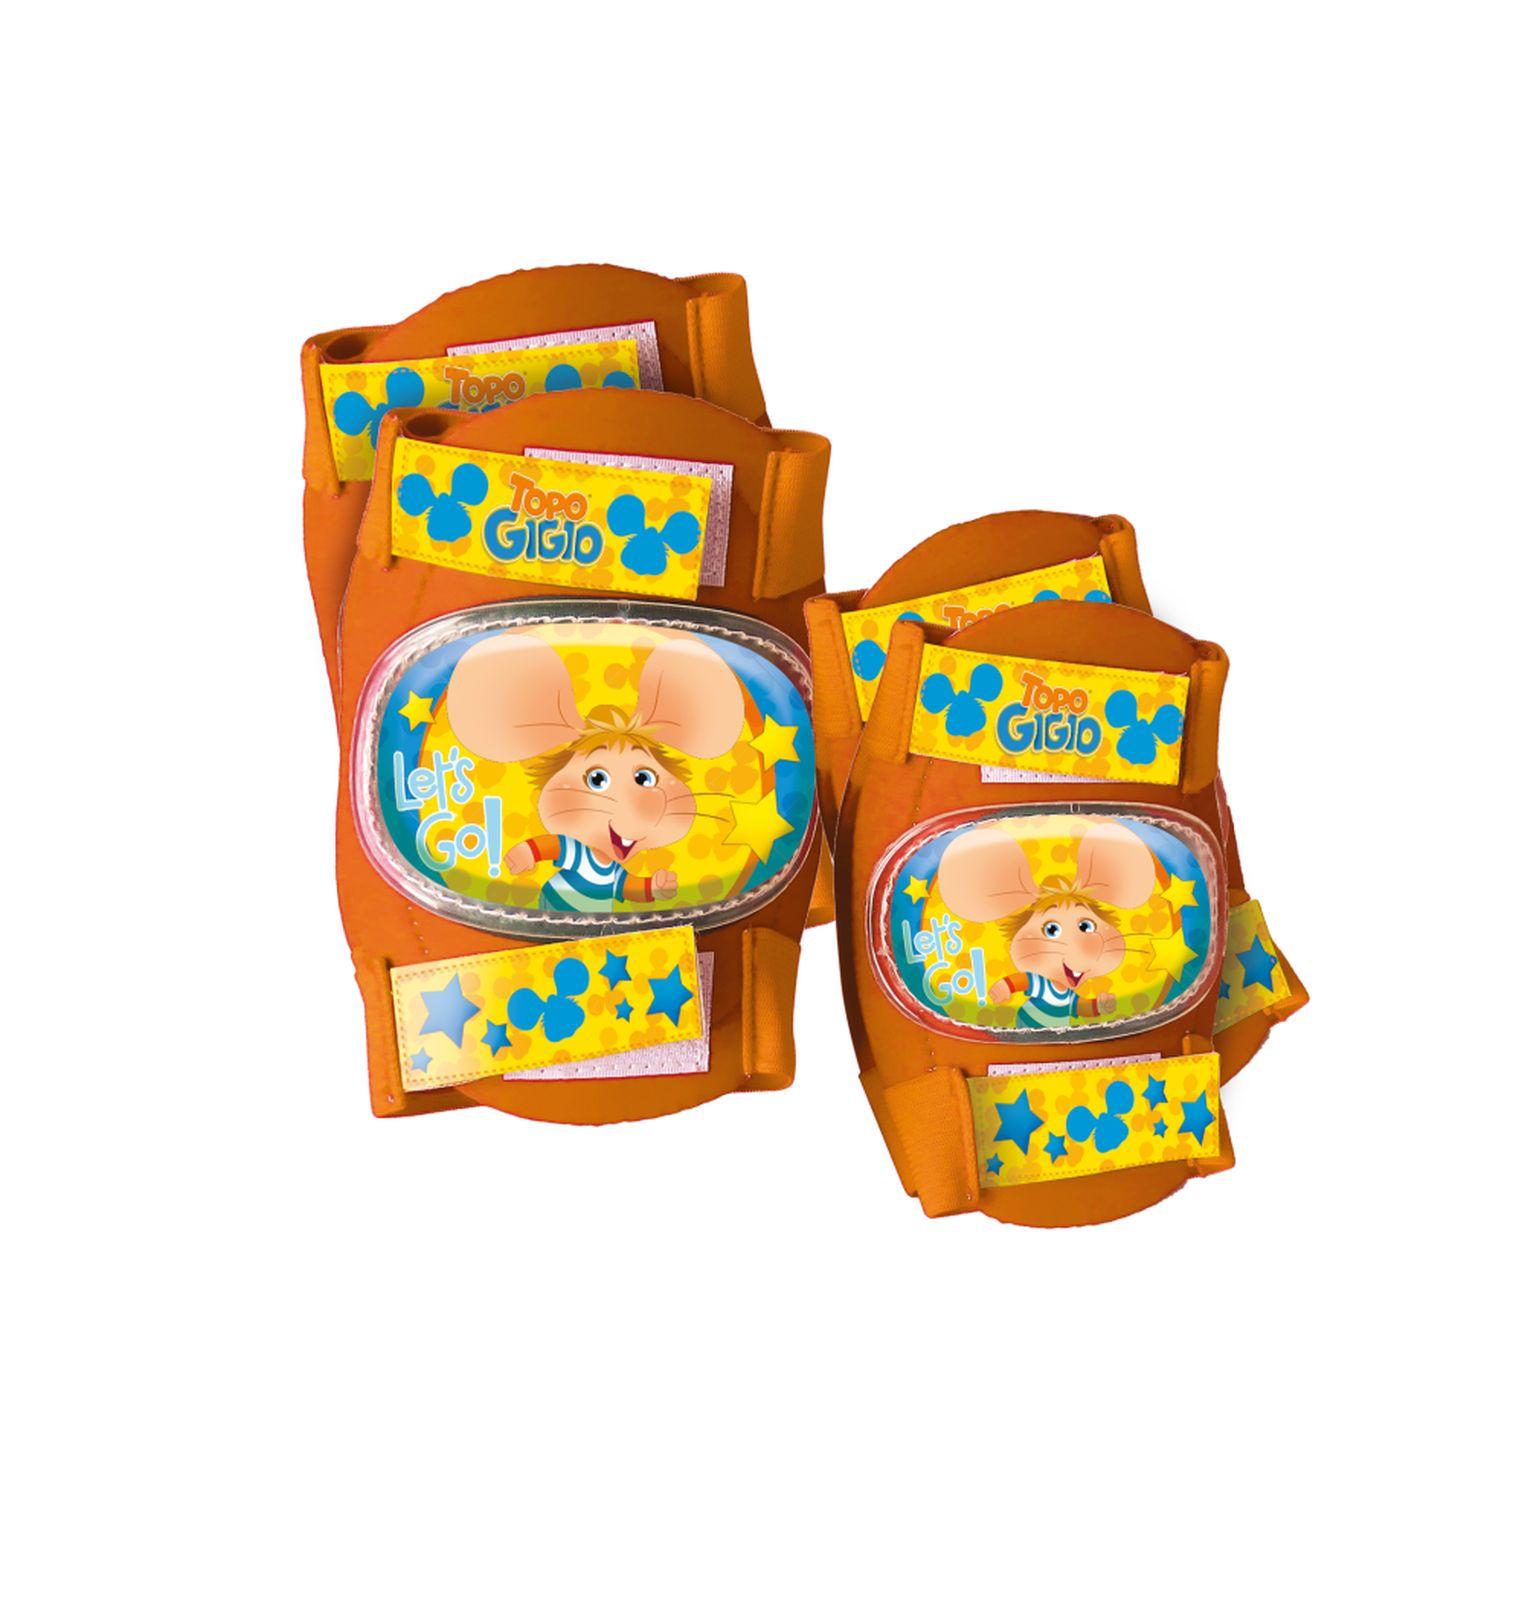 Topo gigio zaino con pattini - TP 2